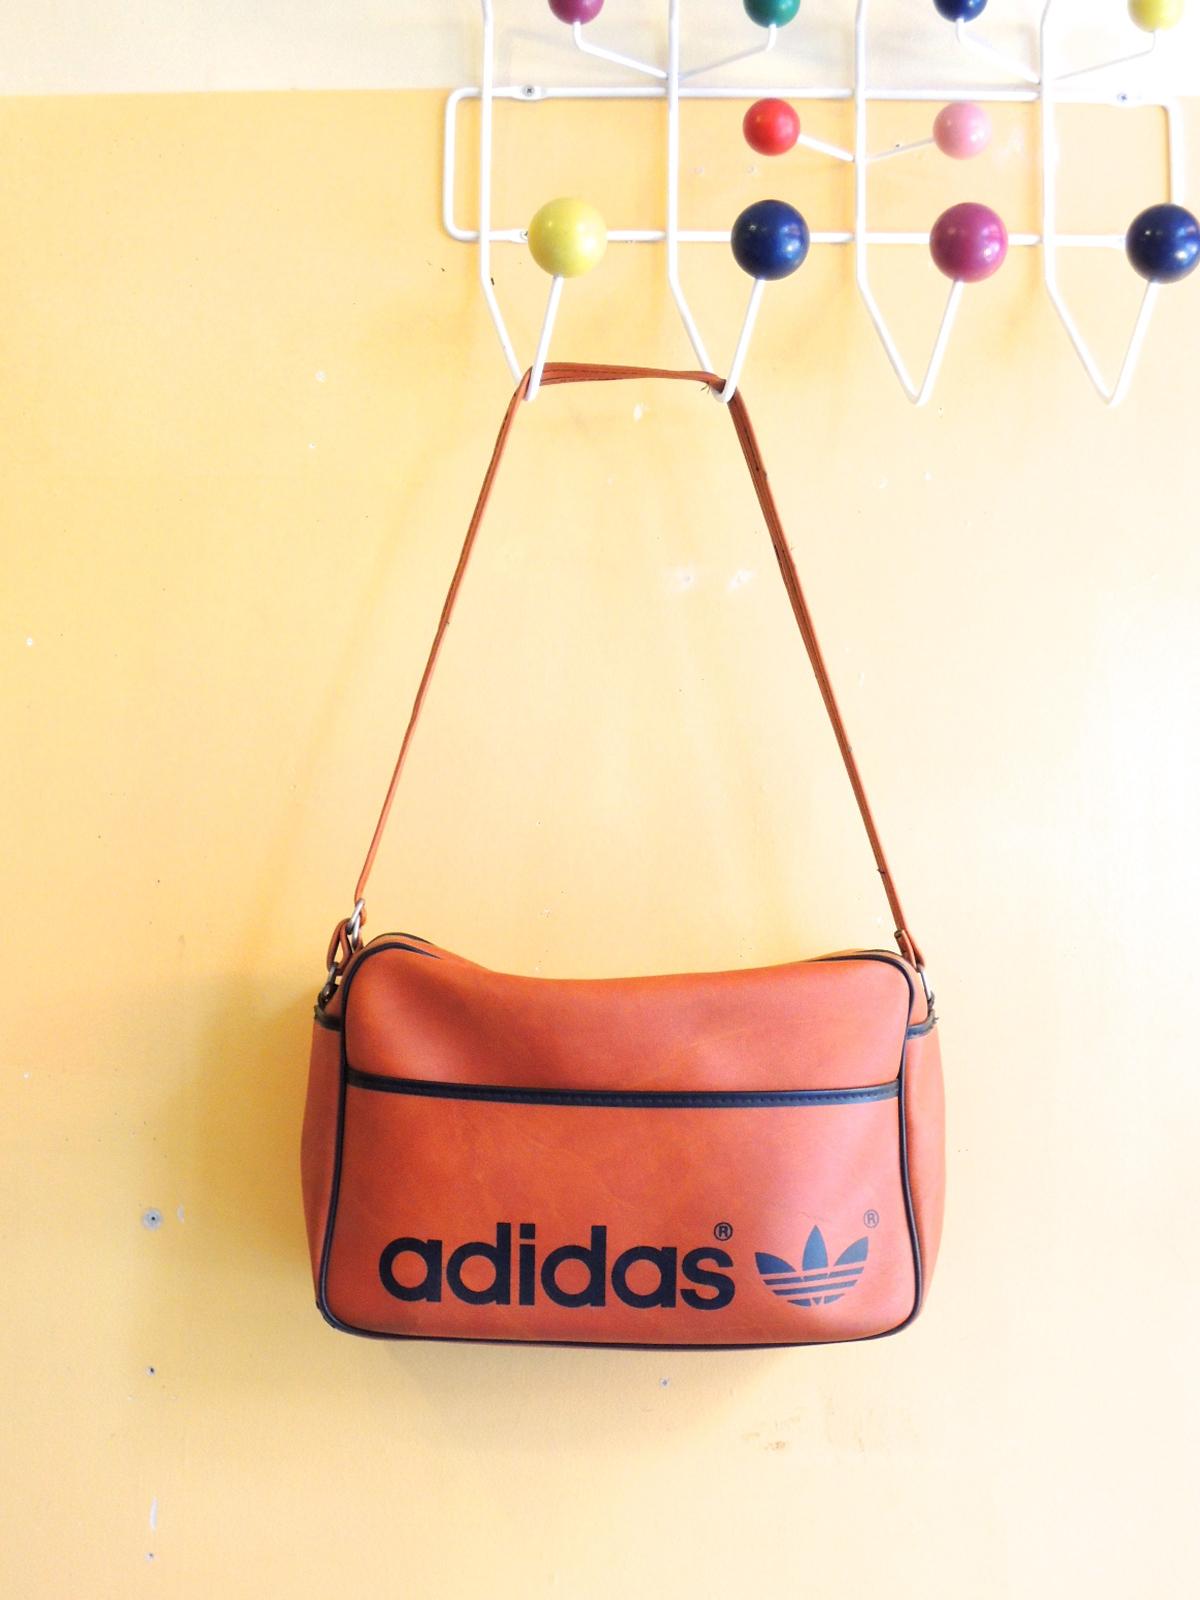 adidasbag01.JPG